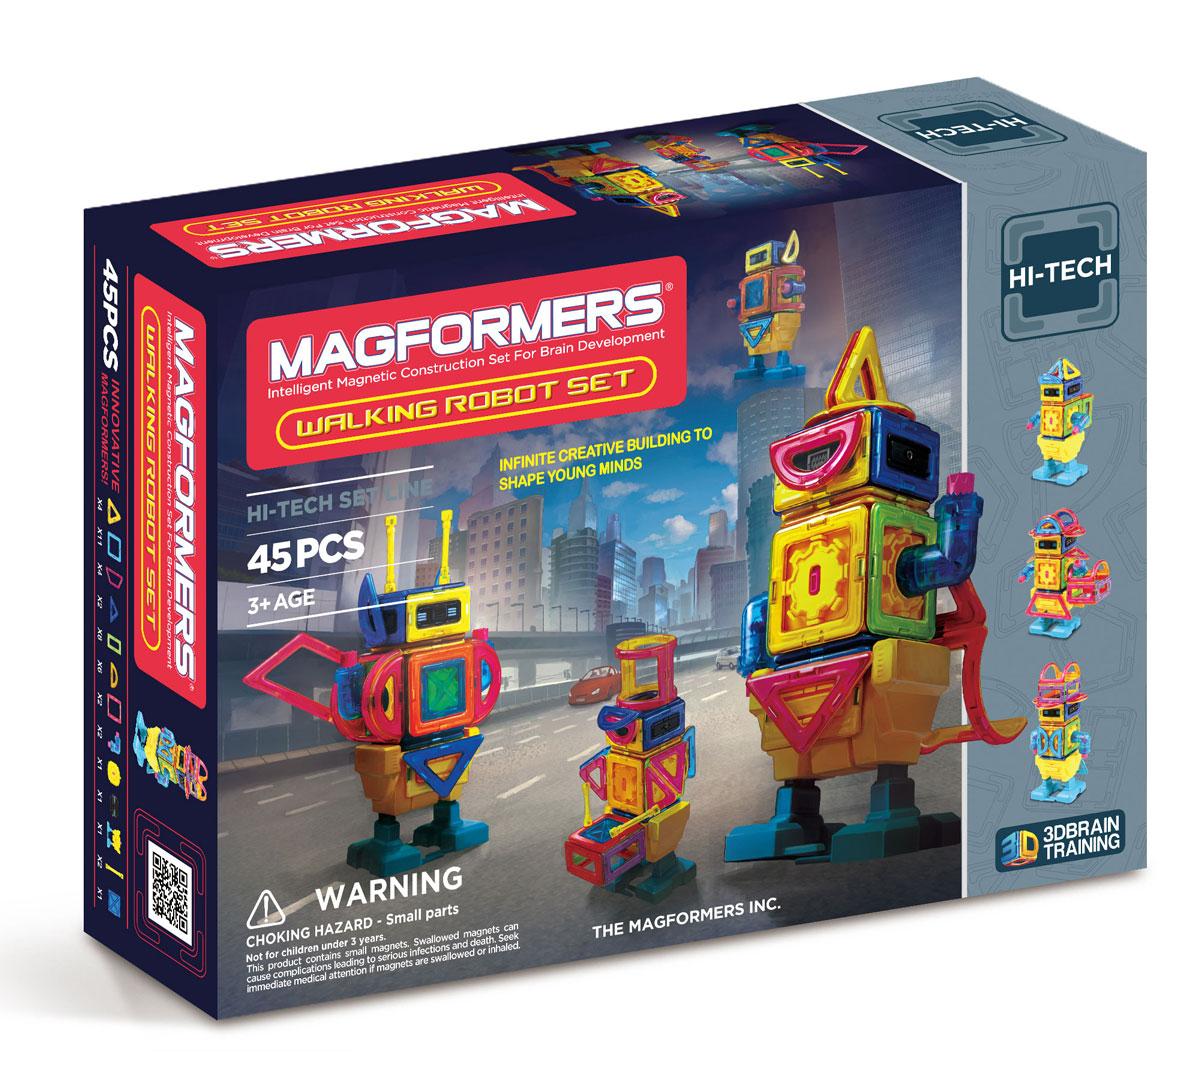 Magformers Магнитный конструктор Walking Robot Set magformers магнитный конструктор my first buggy car set цвет красный